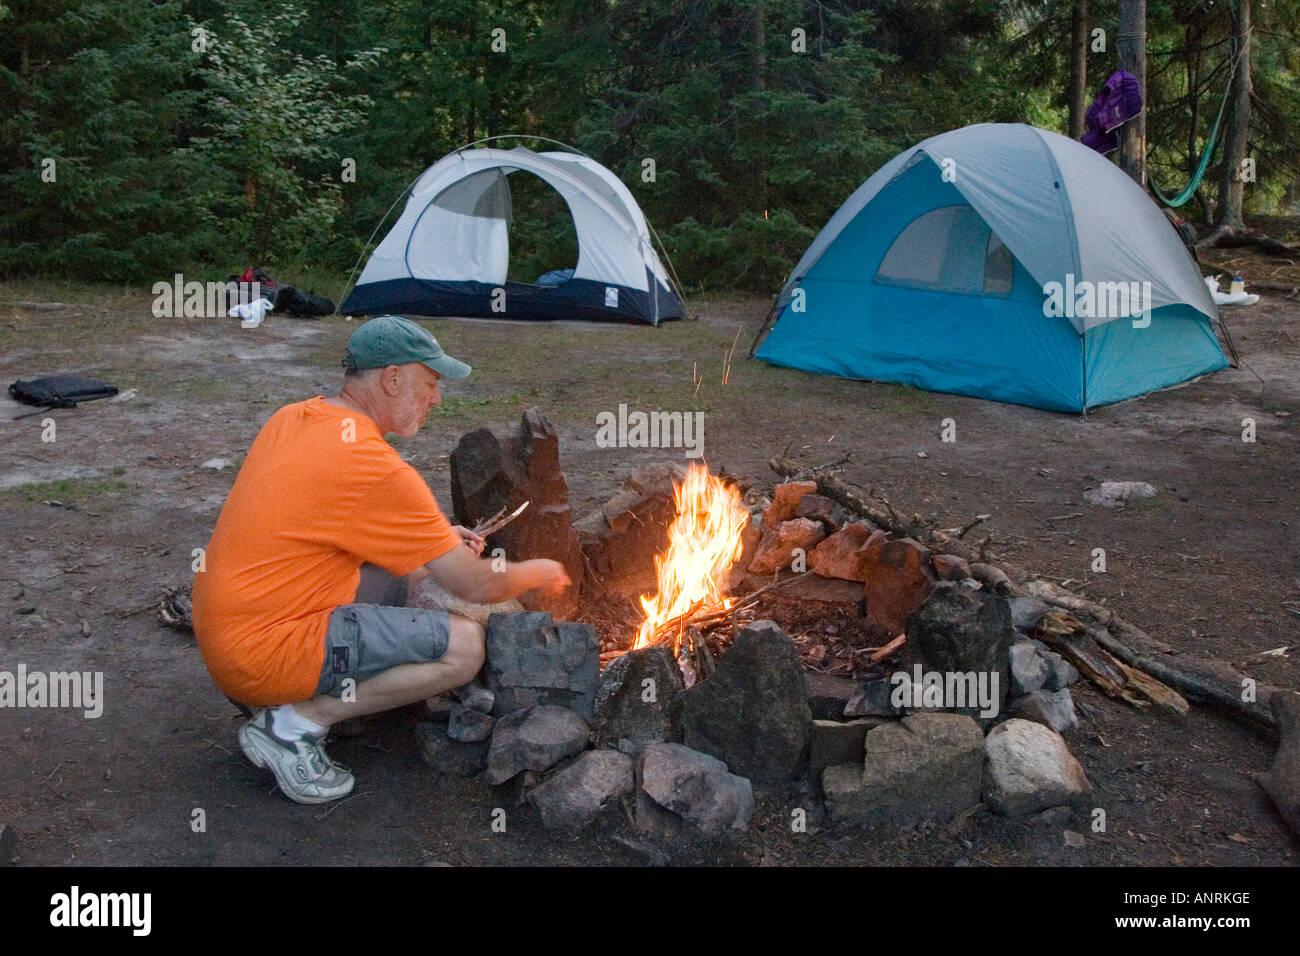 El Parque Provincial Quetico Ontario Tony Rothschild hace una fogata mientras estaba en un viaje de camping canoa Imagen De Stock